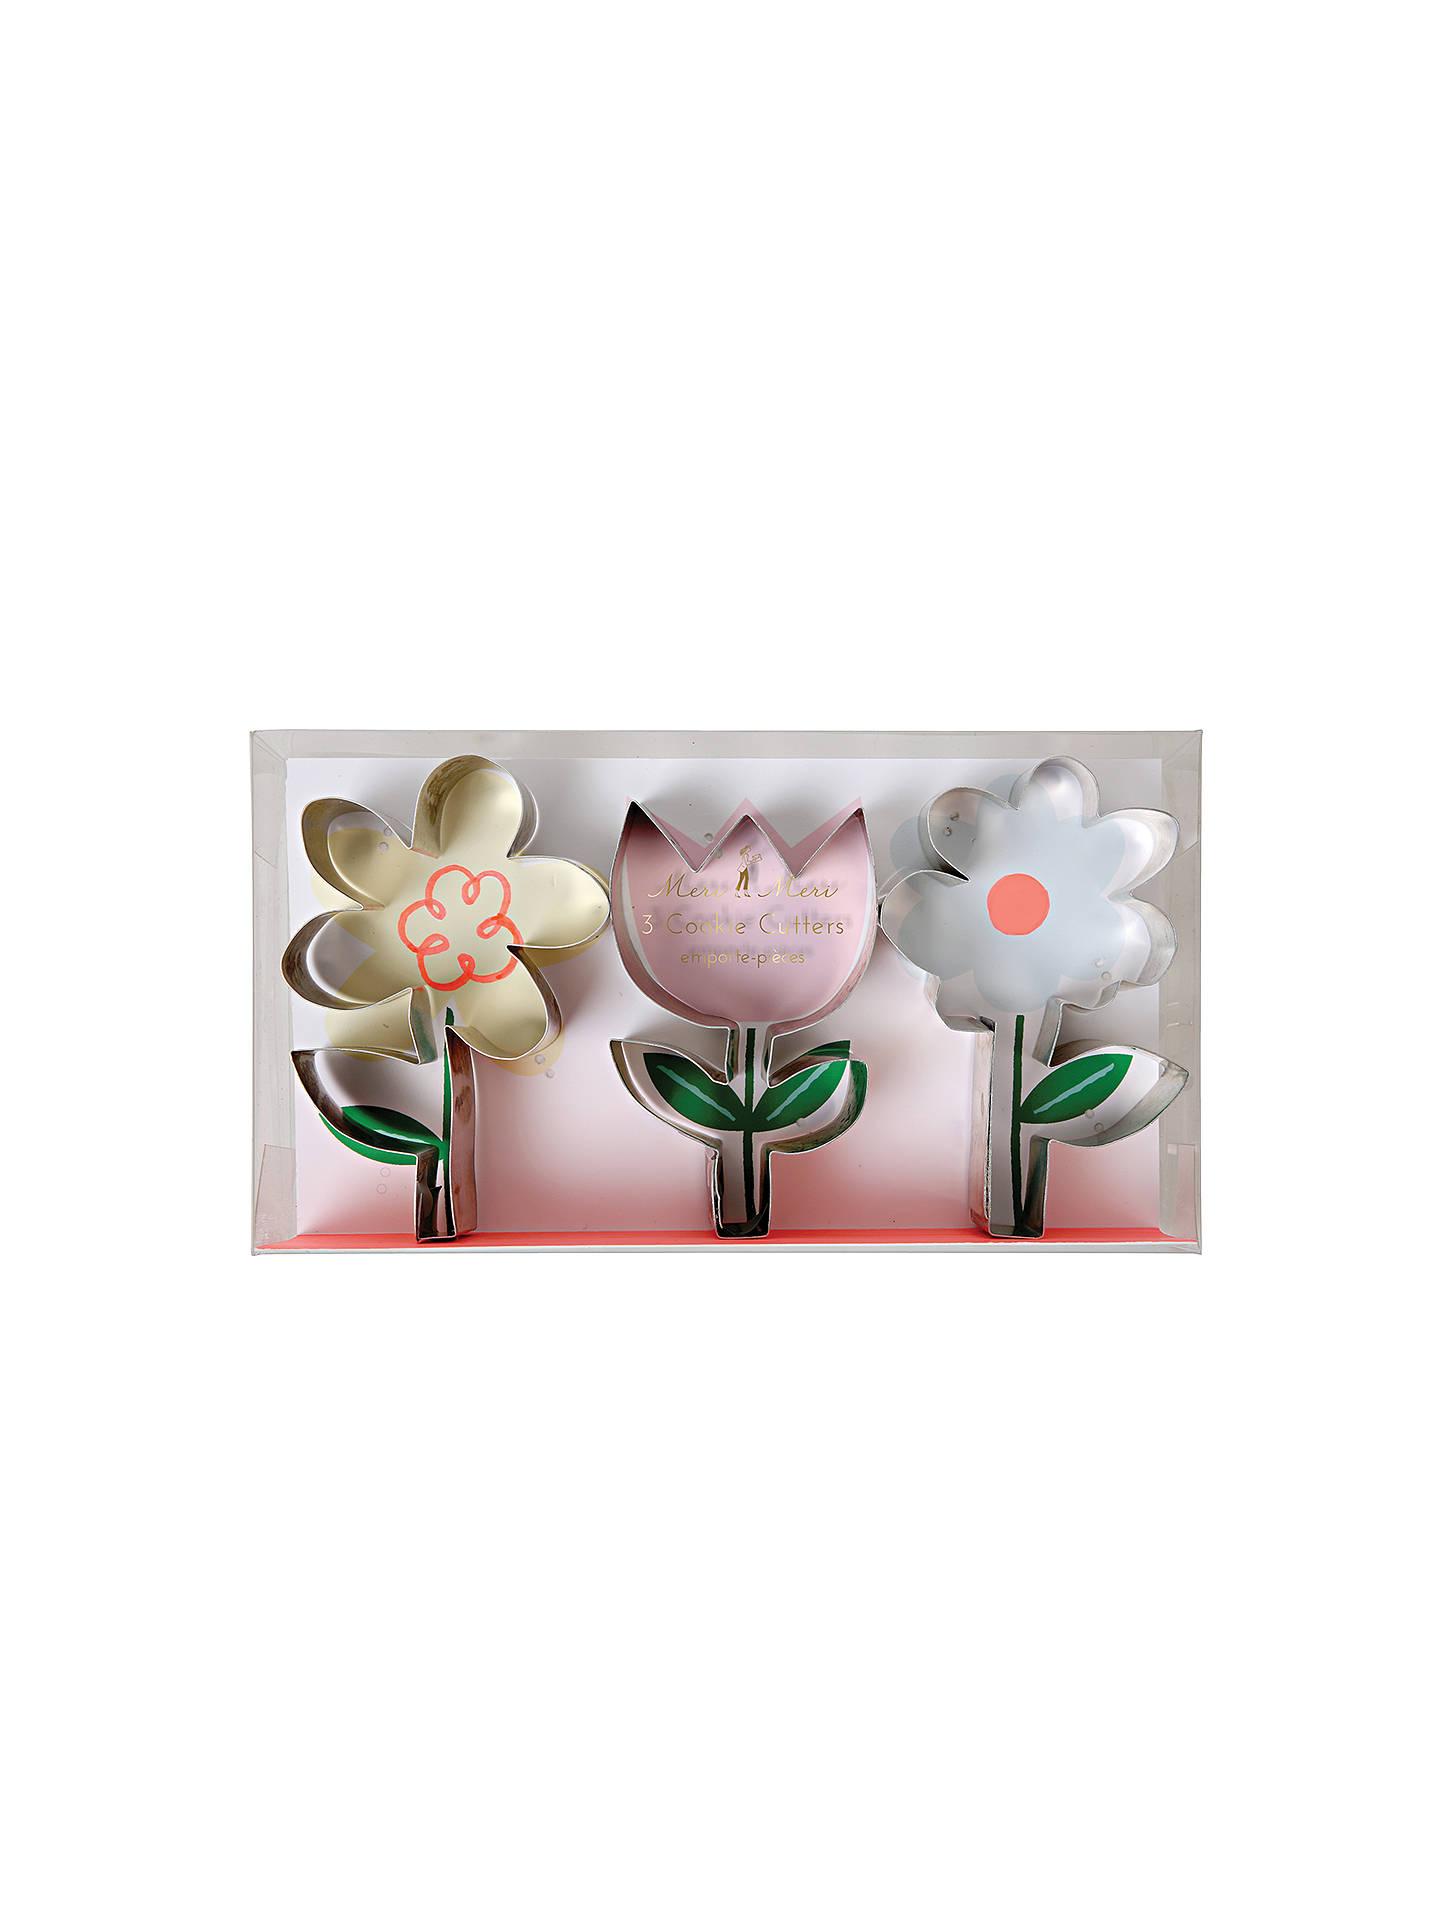 Meri Meri Flower Cookie Cutters Set Of 3 At John Lewis Partners